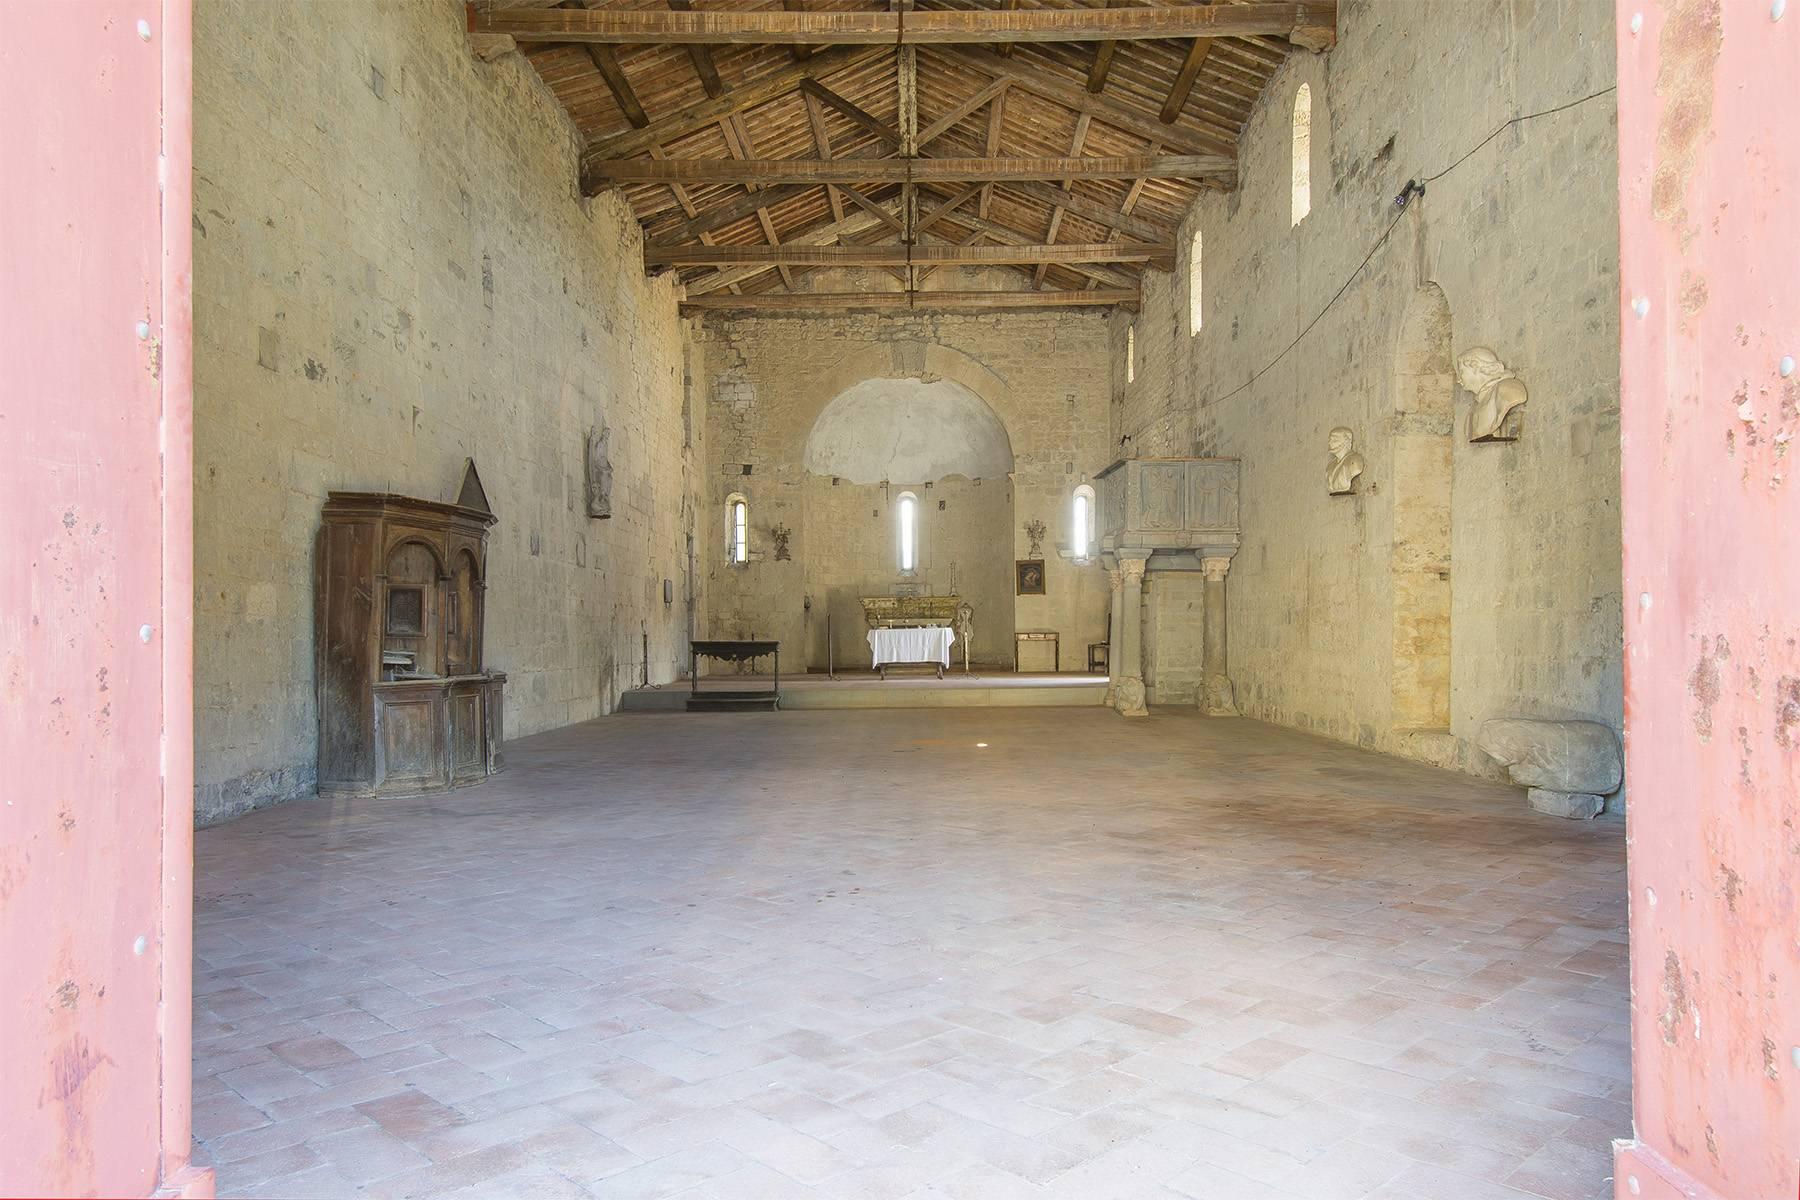 Rustico in Vendita a Pistoia: 5 locali, 650 mq - Foto 4